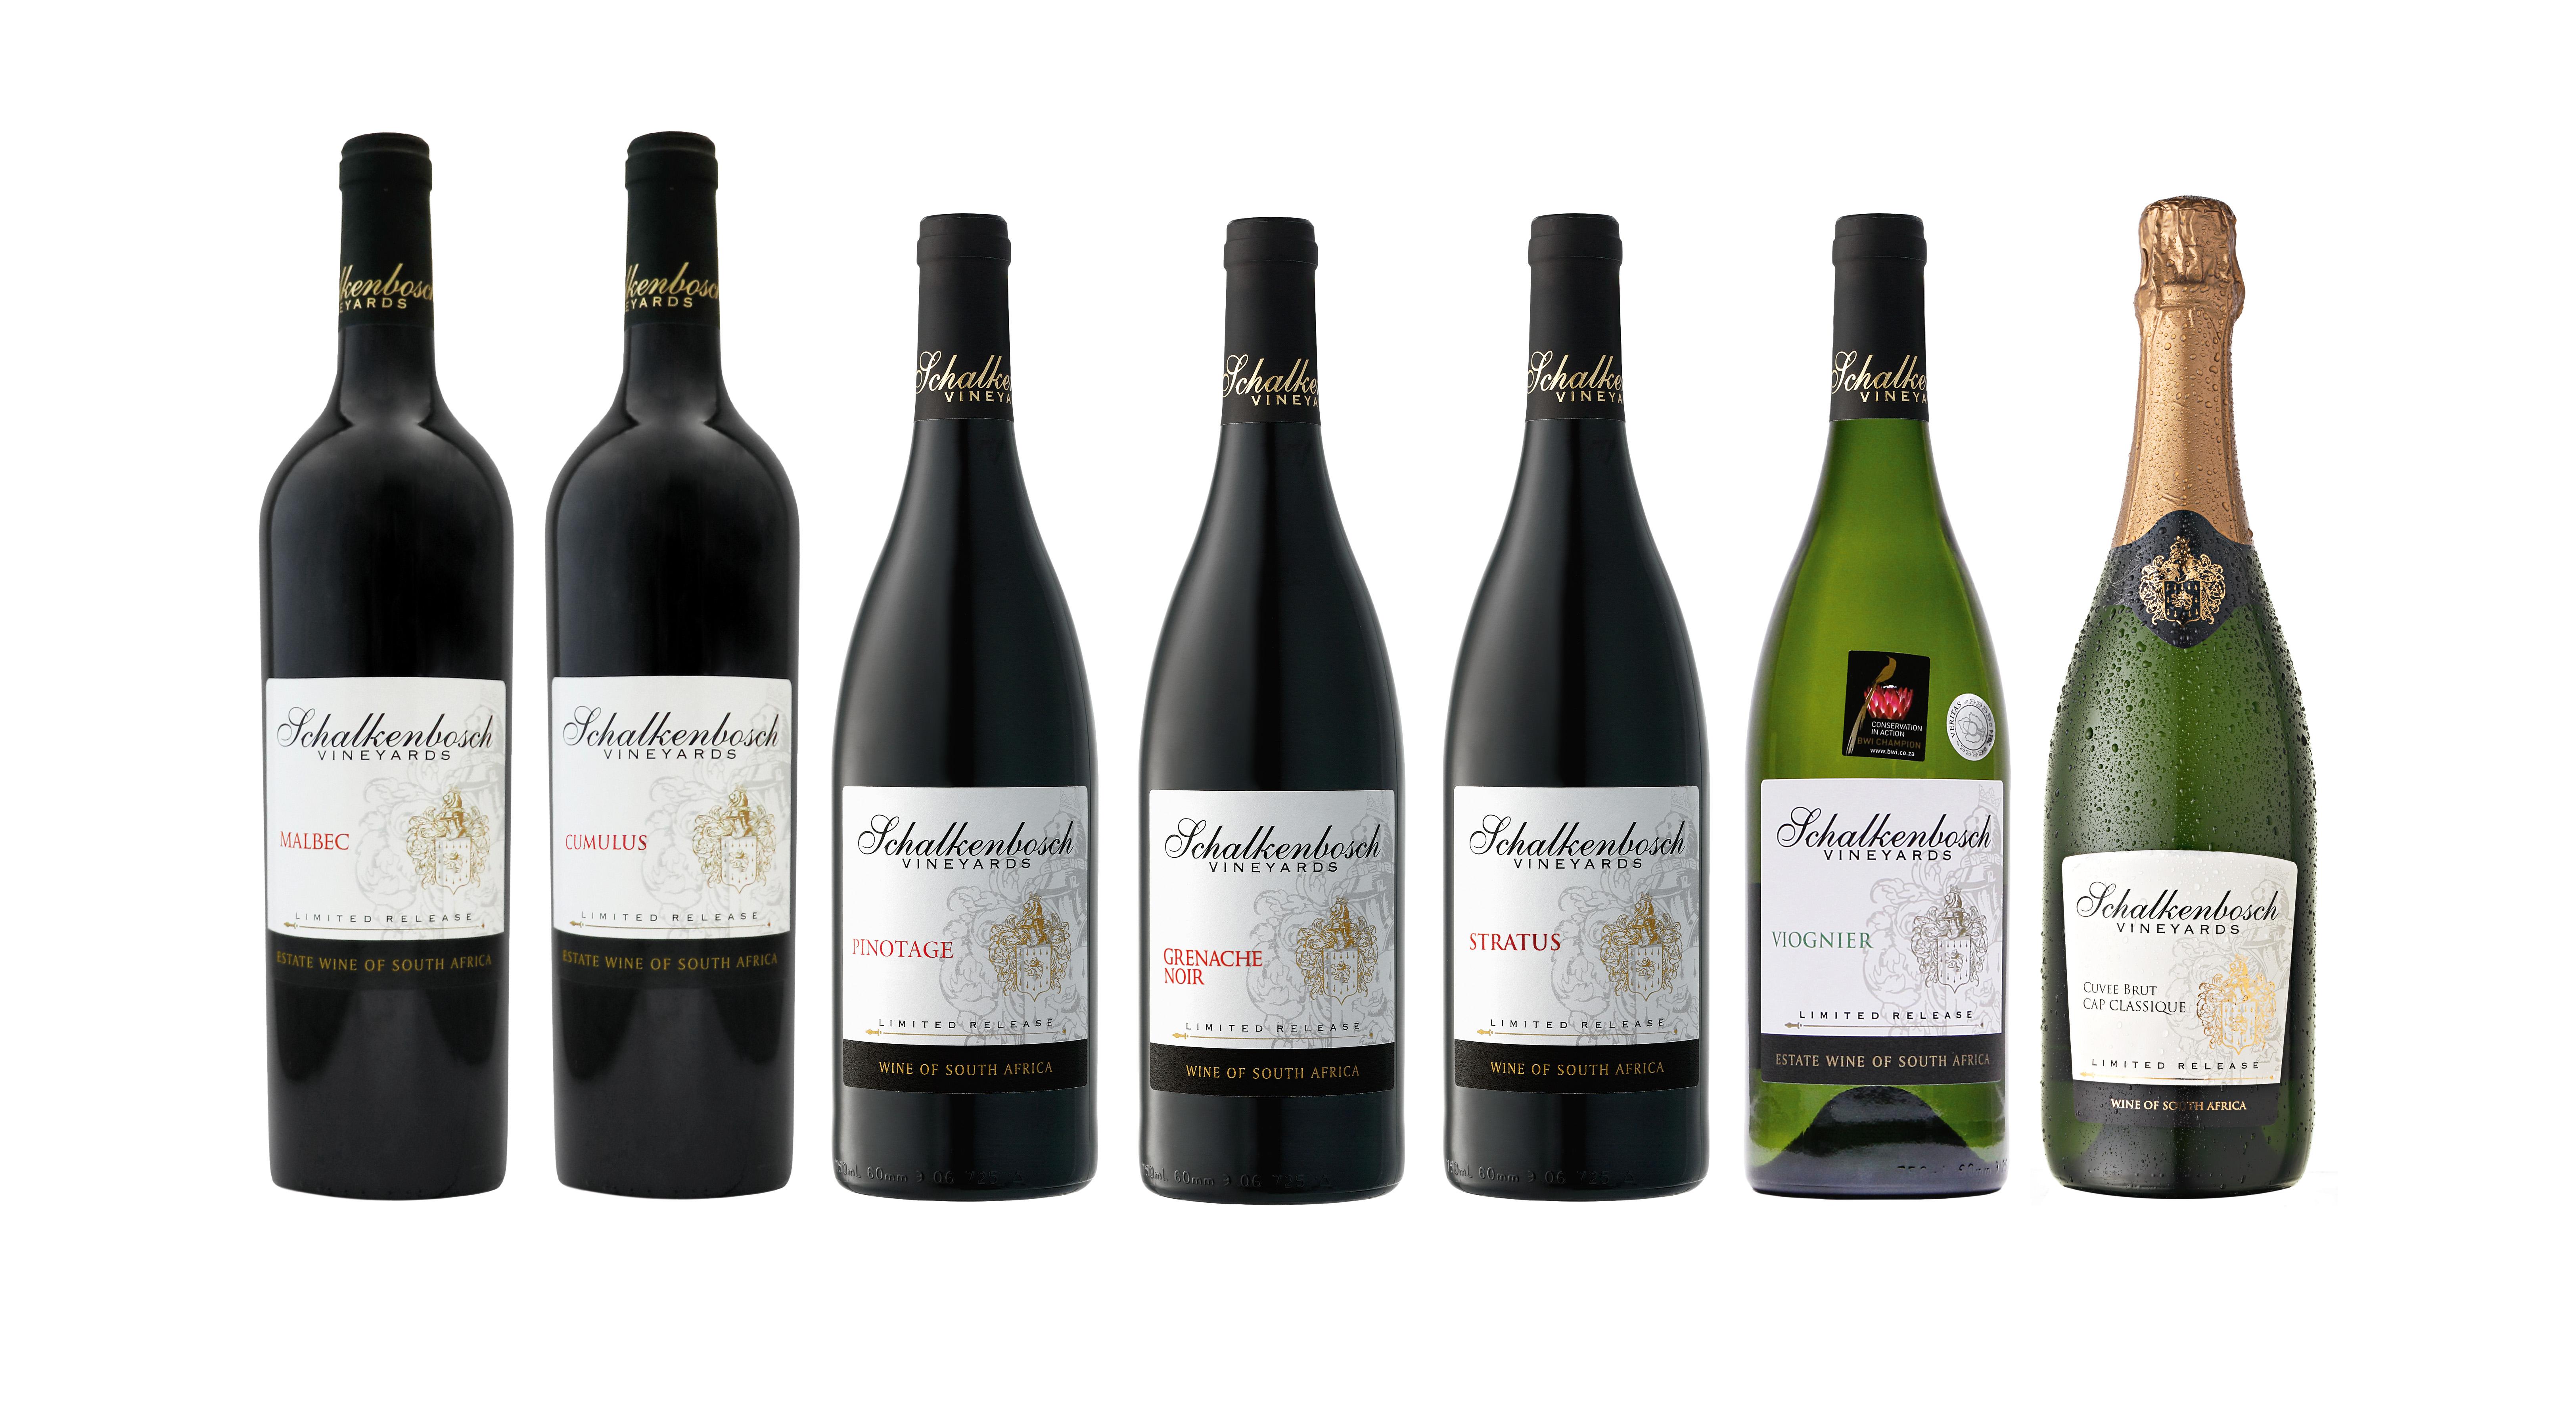 Schalkenbosch Weinvertriebs GmbH & Co. KG